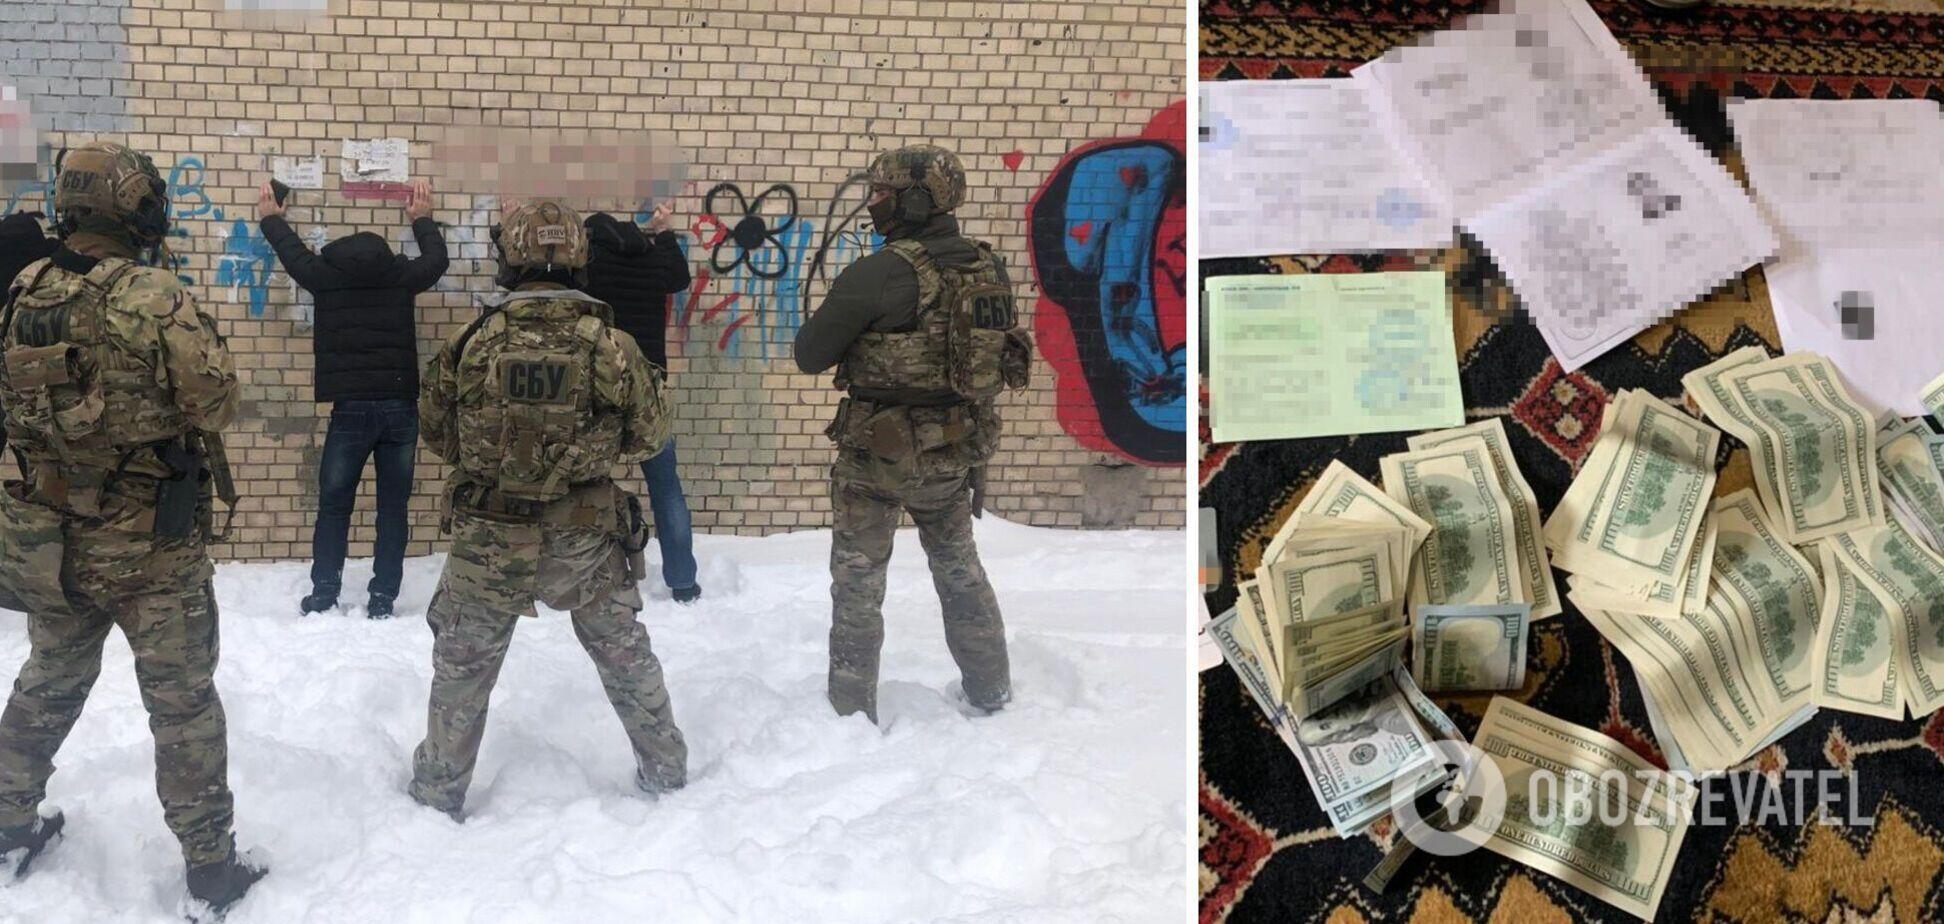 На Киевщине накрыли ячейку 'ИГИЛ' с международными террористами. Видео